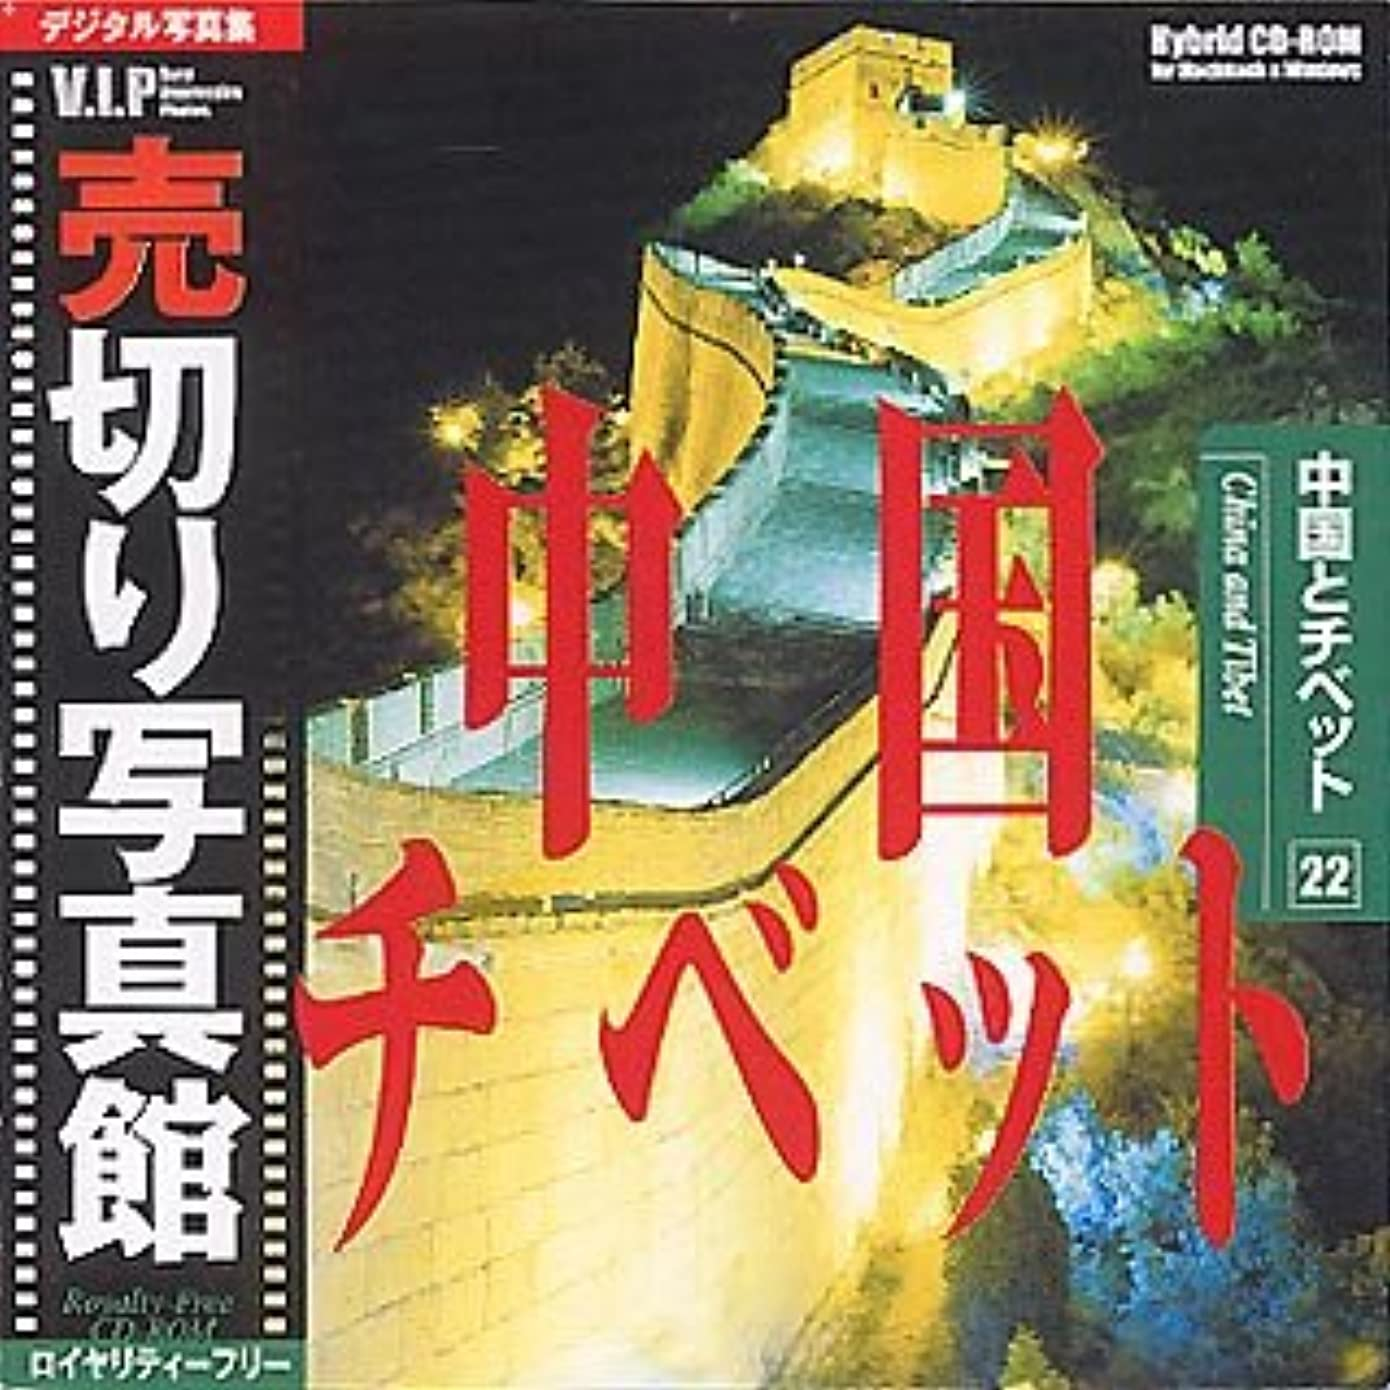 高原君主制国旗売切り写真館 VIPシリーズ Vol.22 中国とチベット